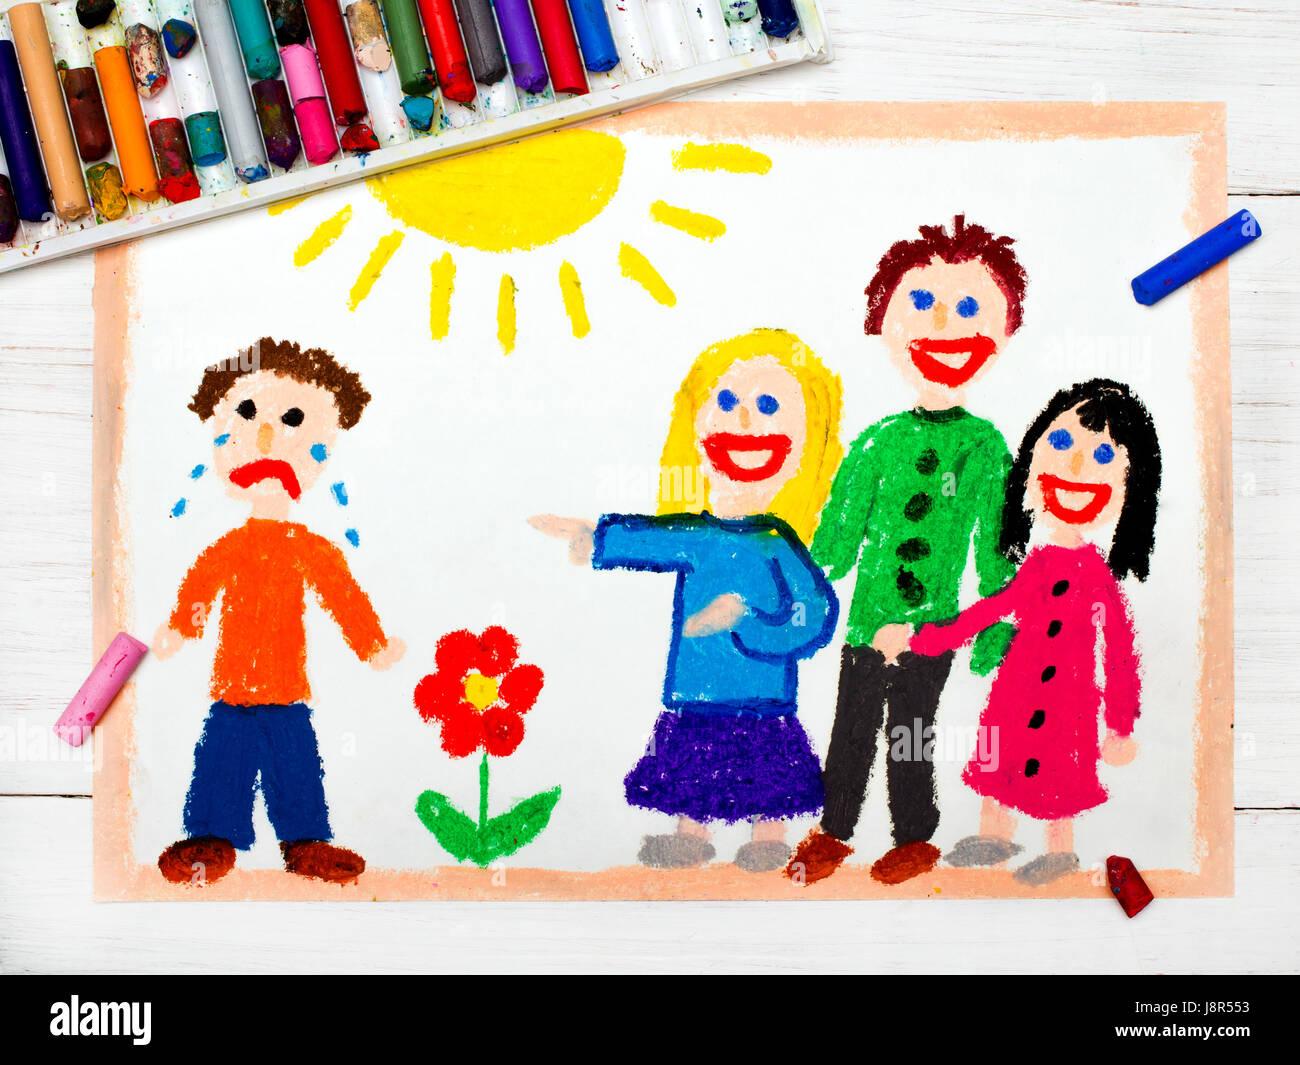 Dessin color groupe d 39 enfants rire un gar on la - Dessin colore ...